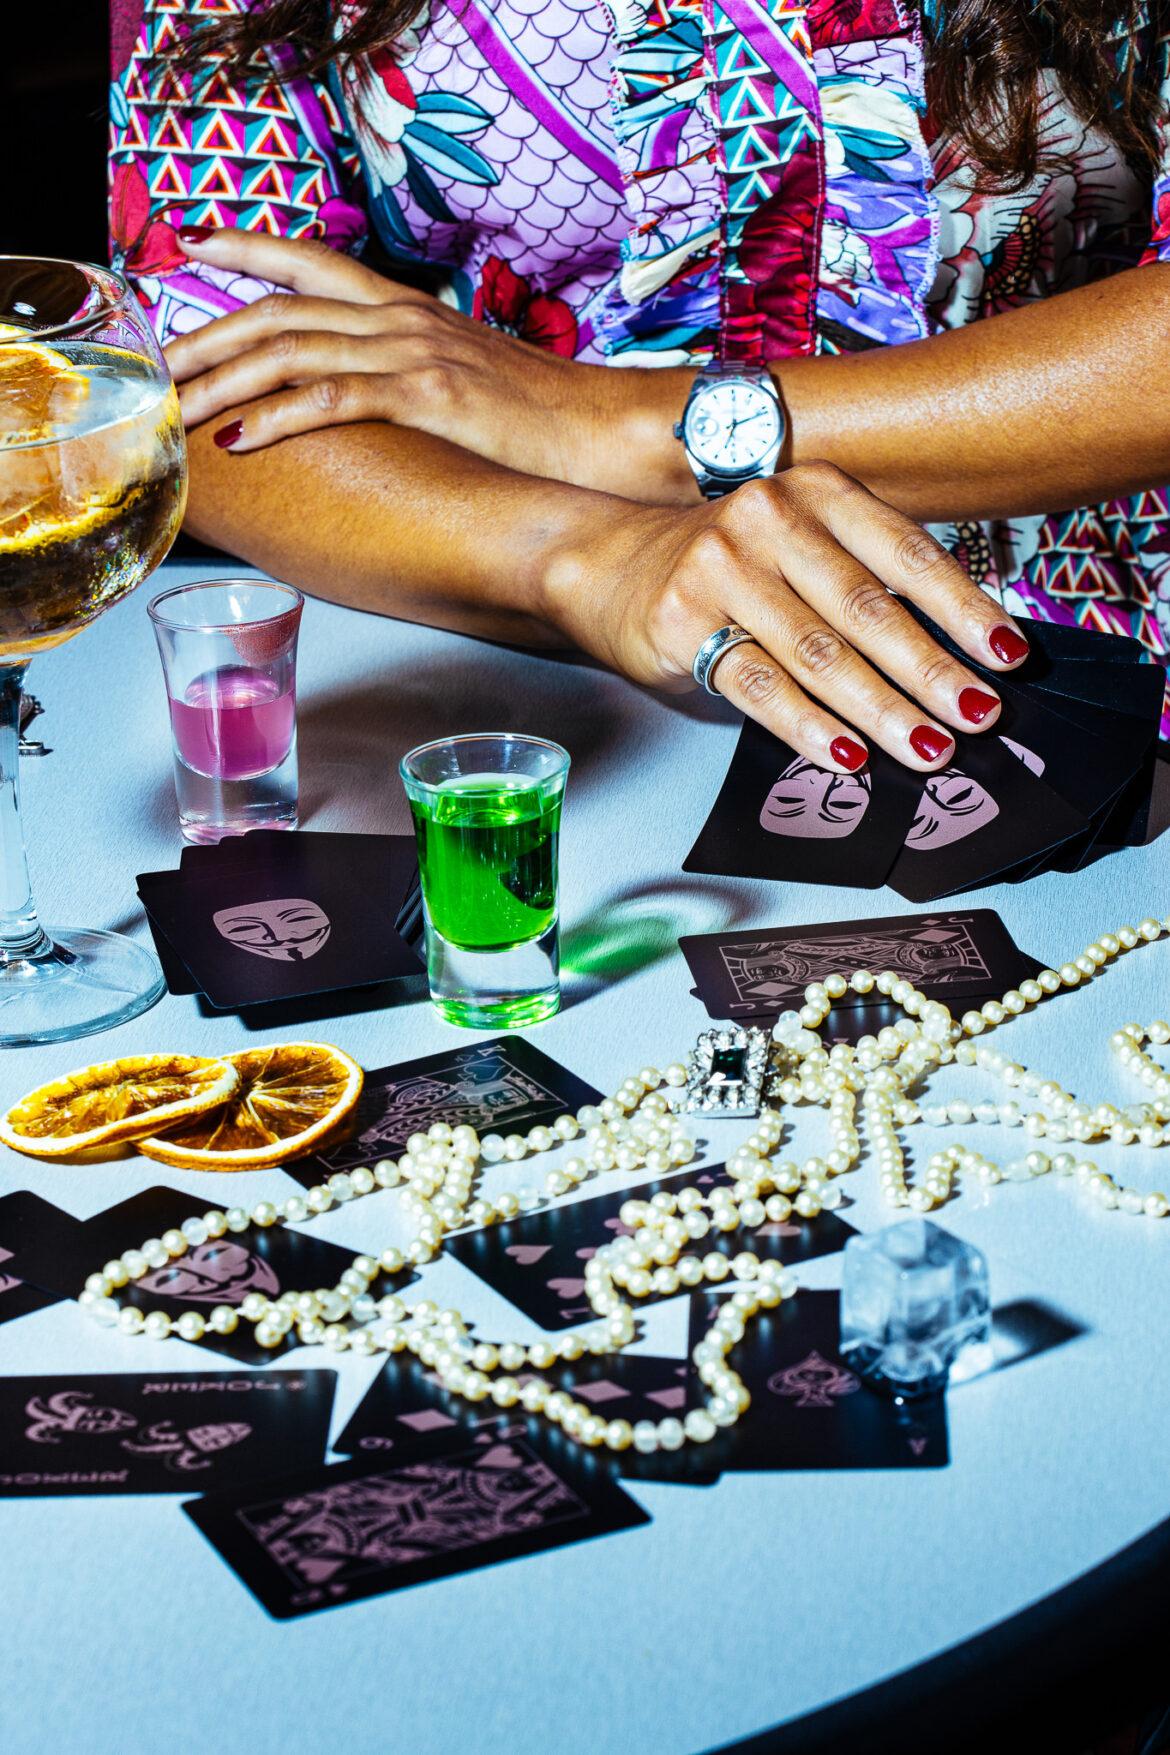 Rolex horloge met spelkaarten